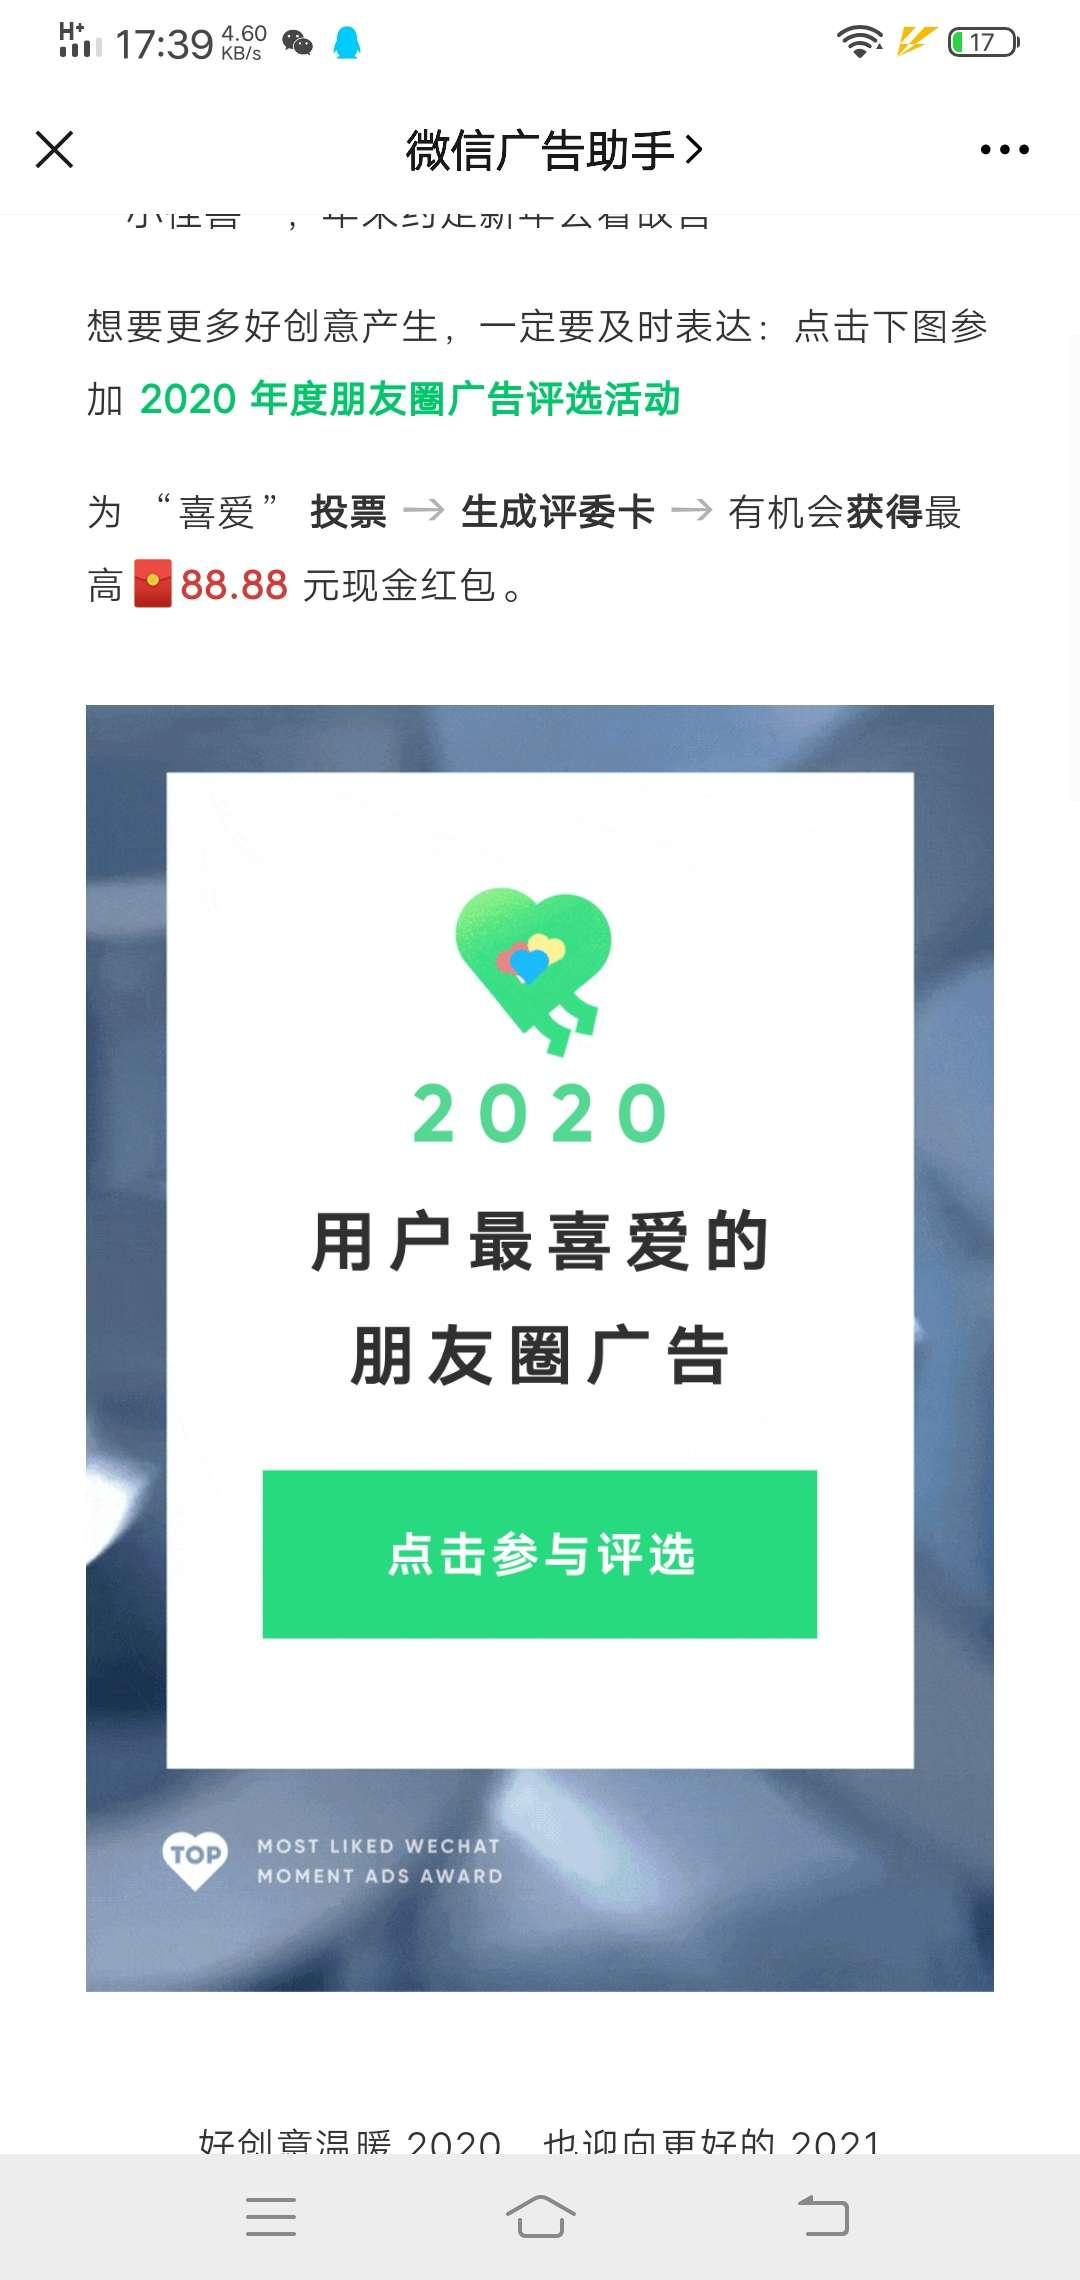 2020年度朋友圈广告评选抽红包